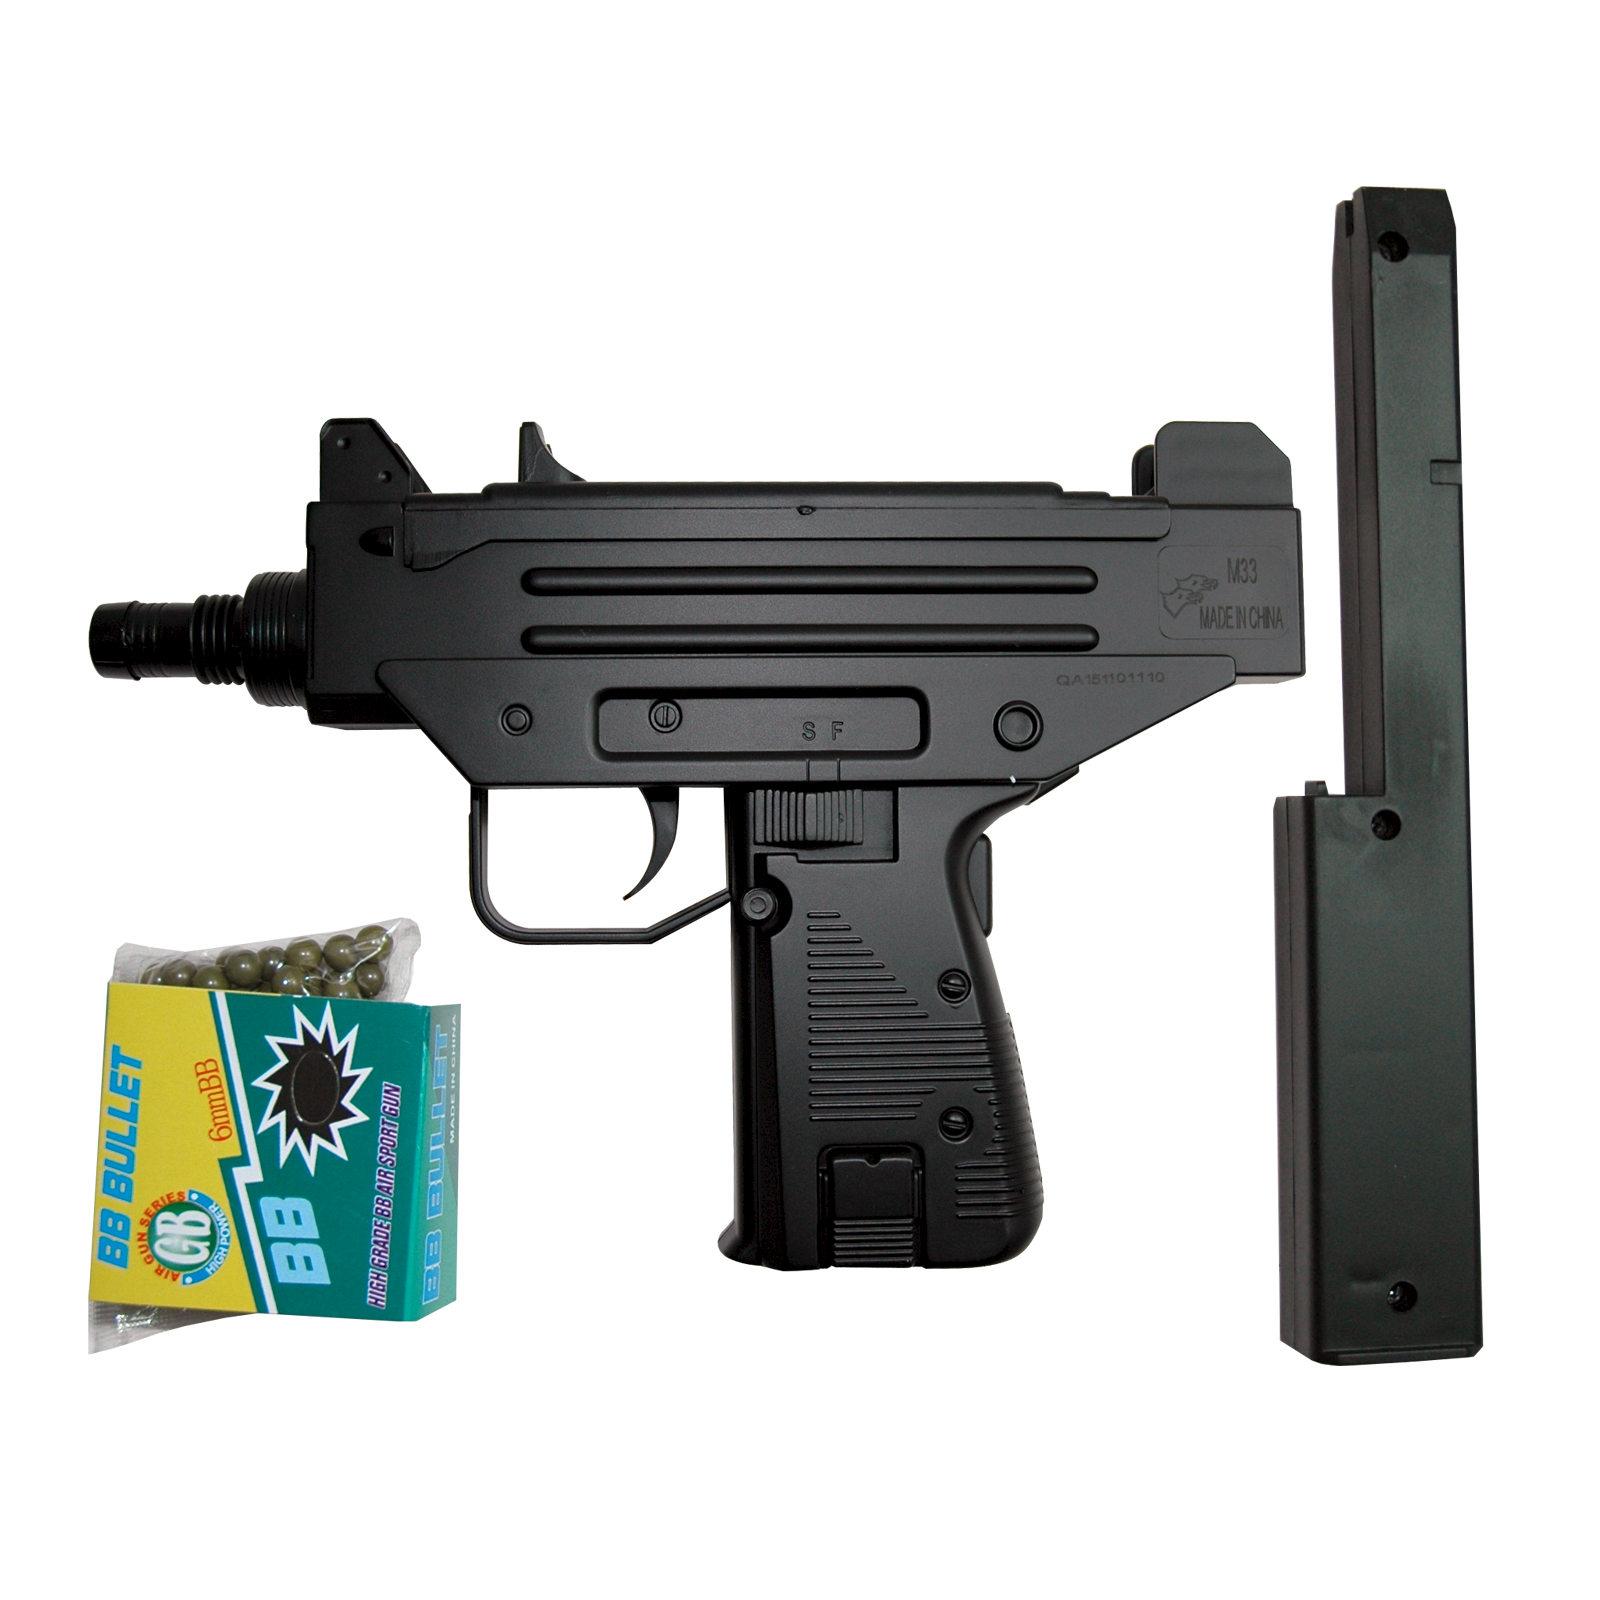 Rayline Spielzeugpistole G11 Metall Inklusive Magazin Und Munition Schwarz